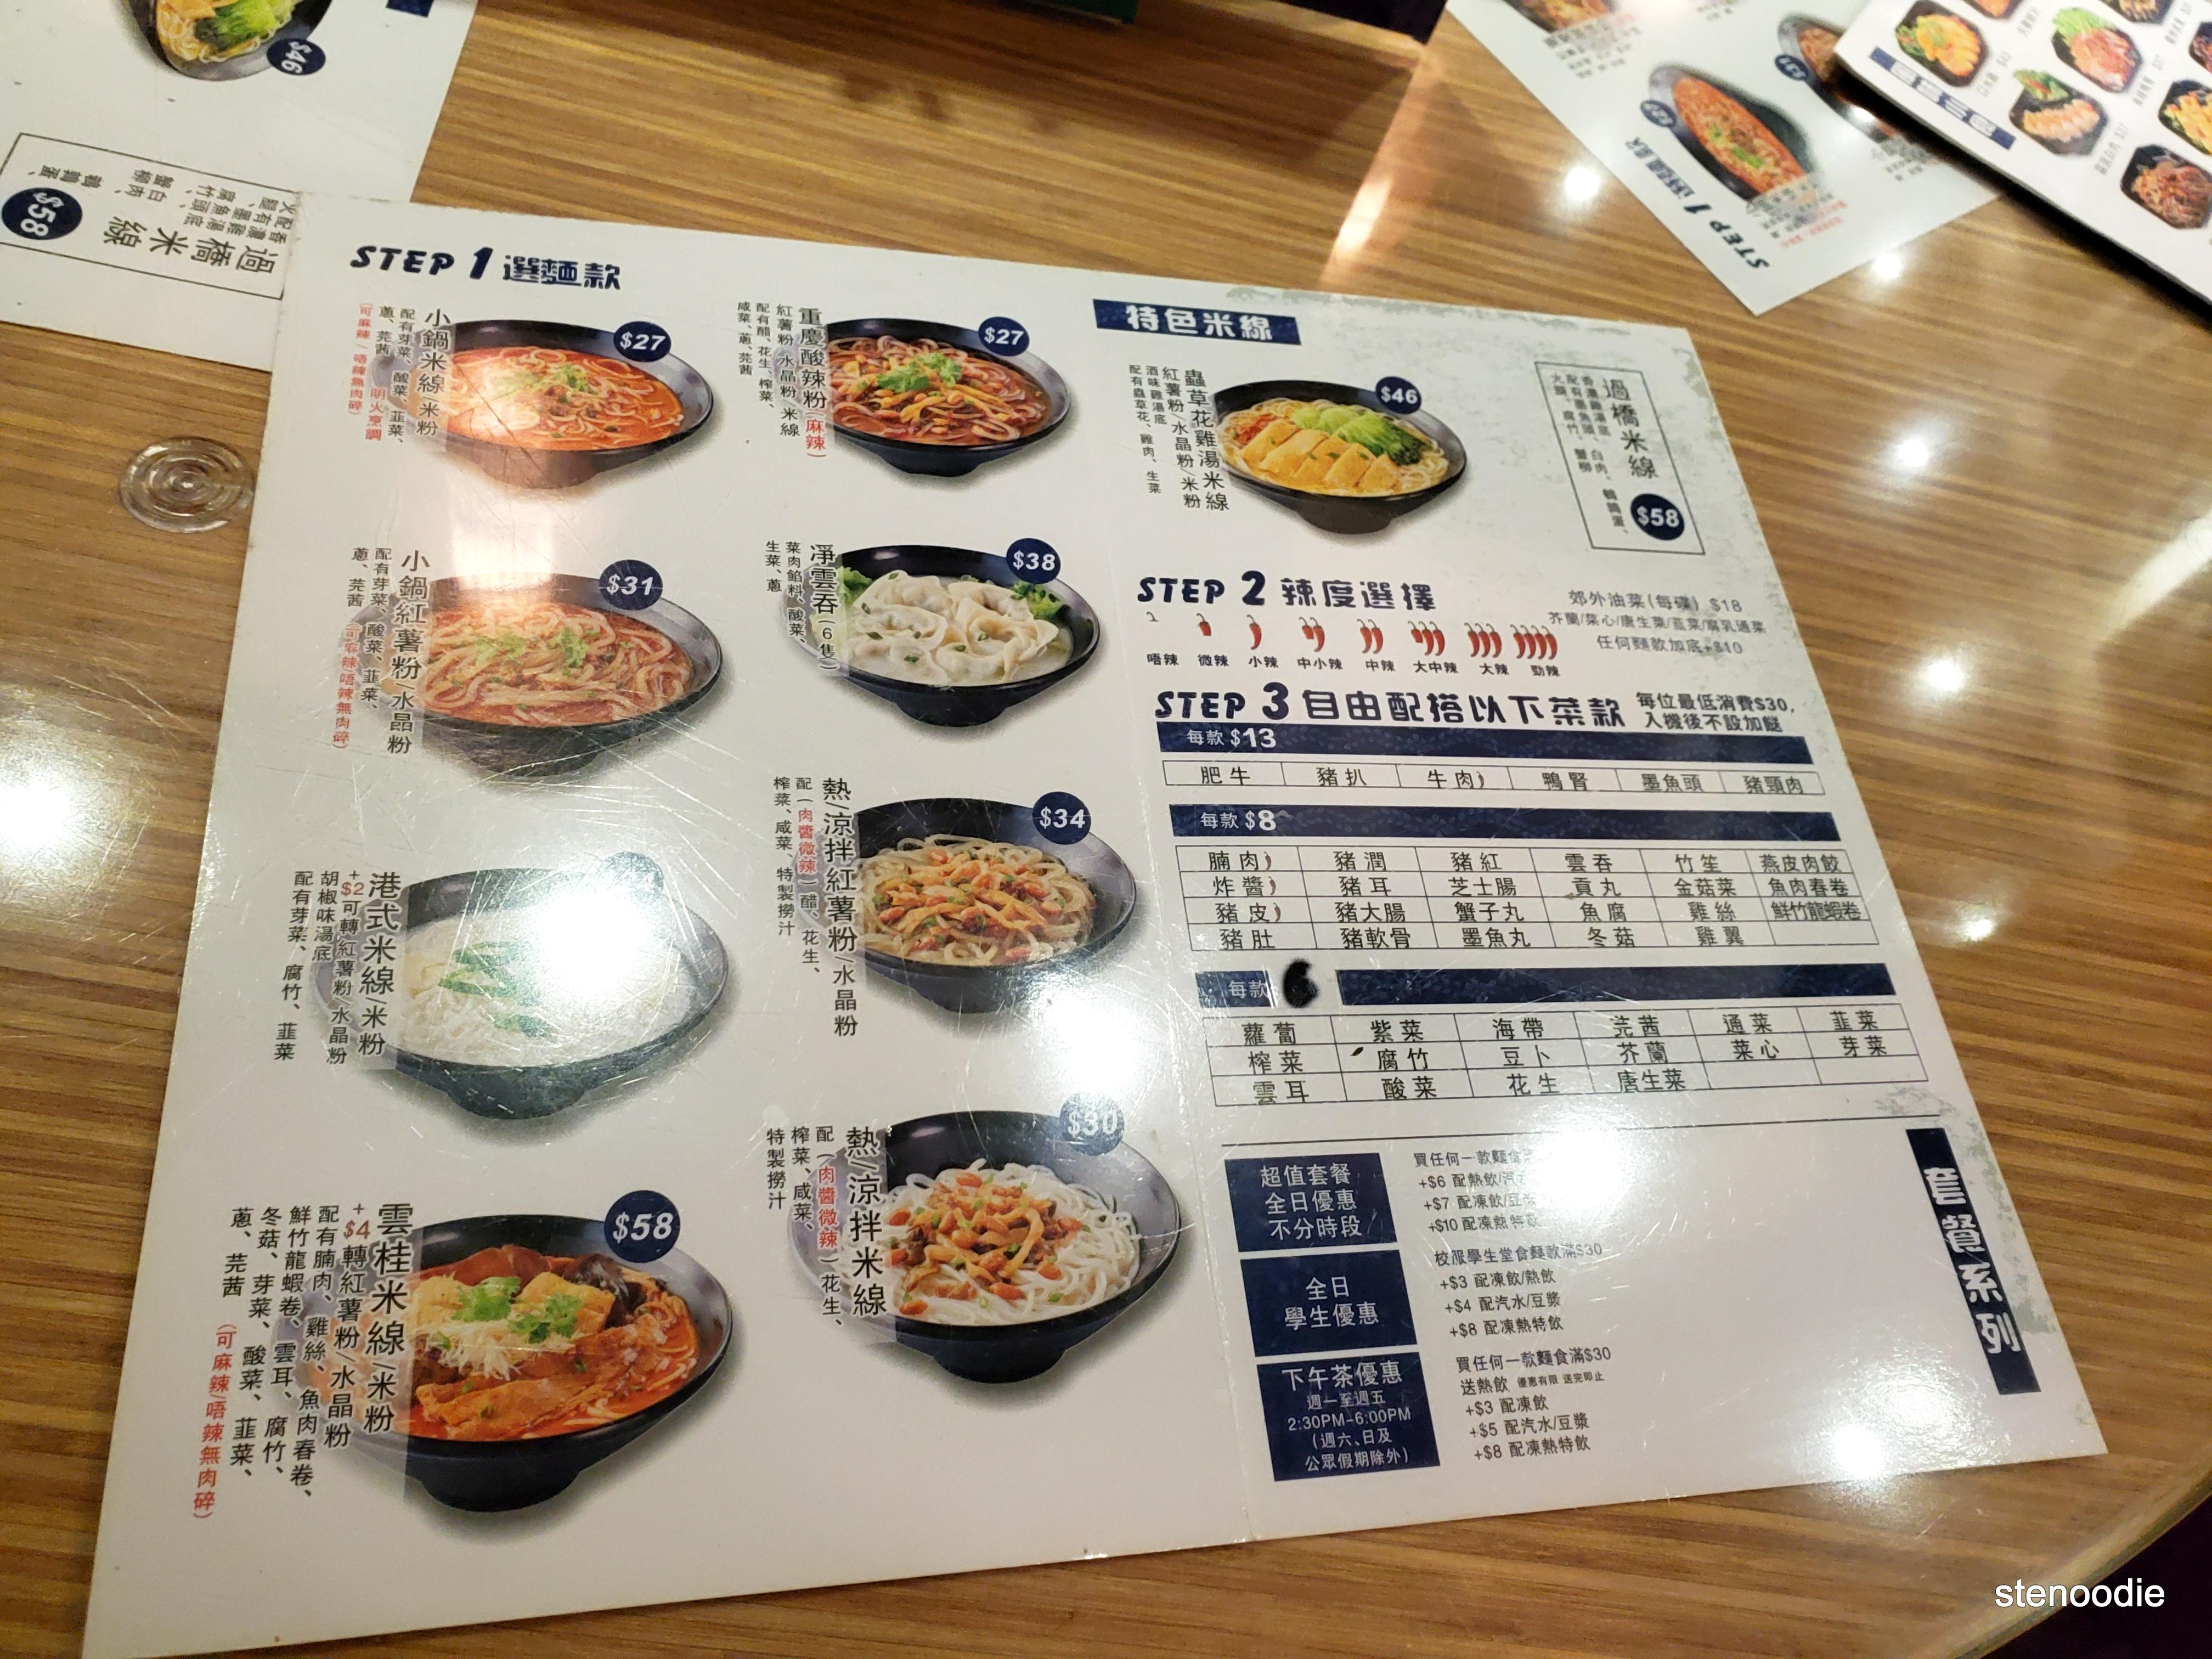 雲桂香米線專門店 menu and prices